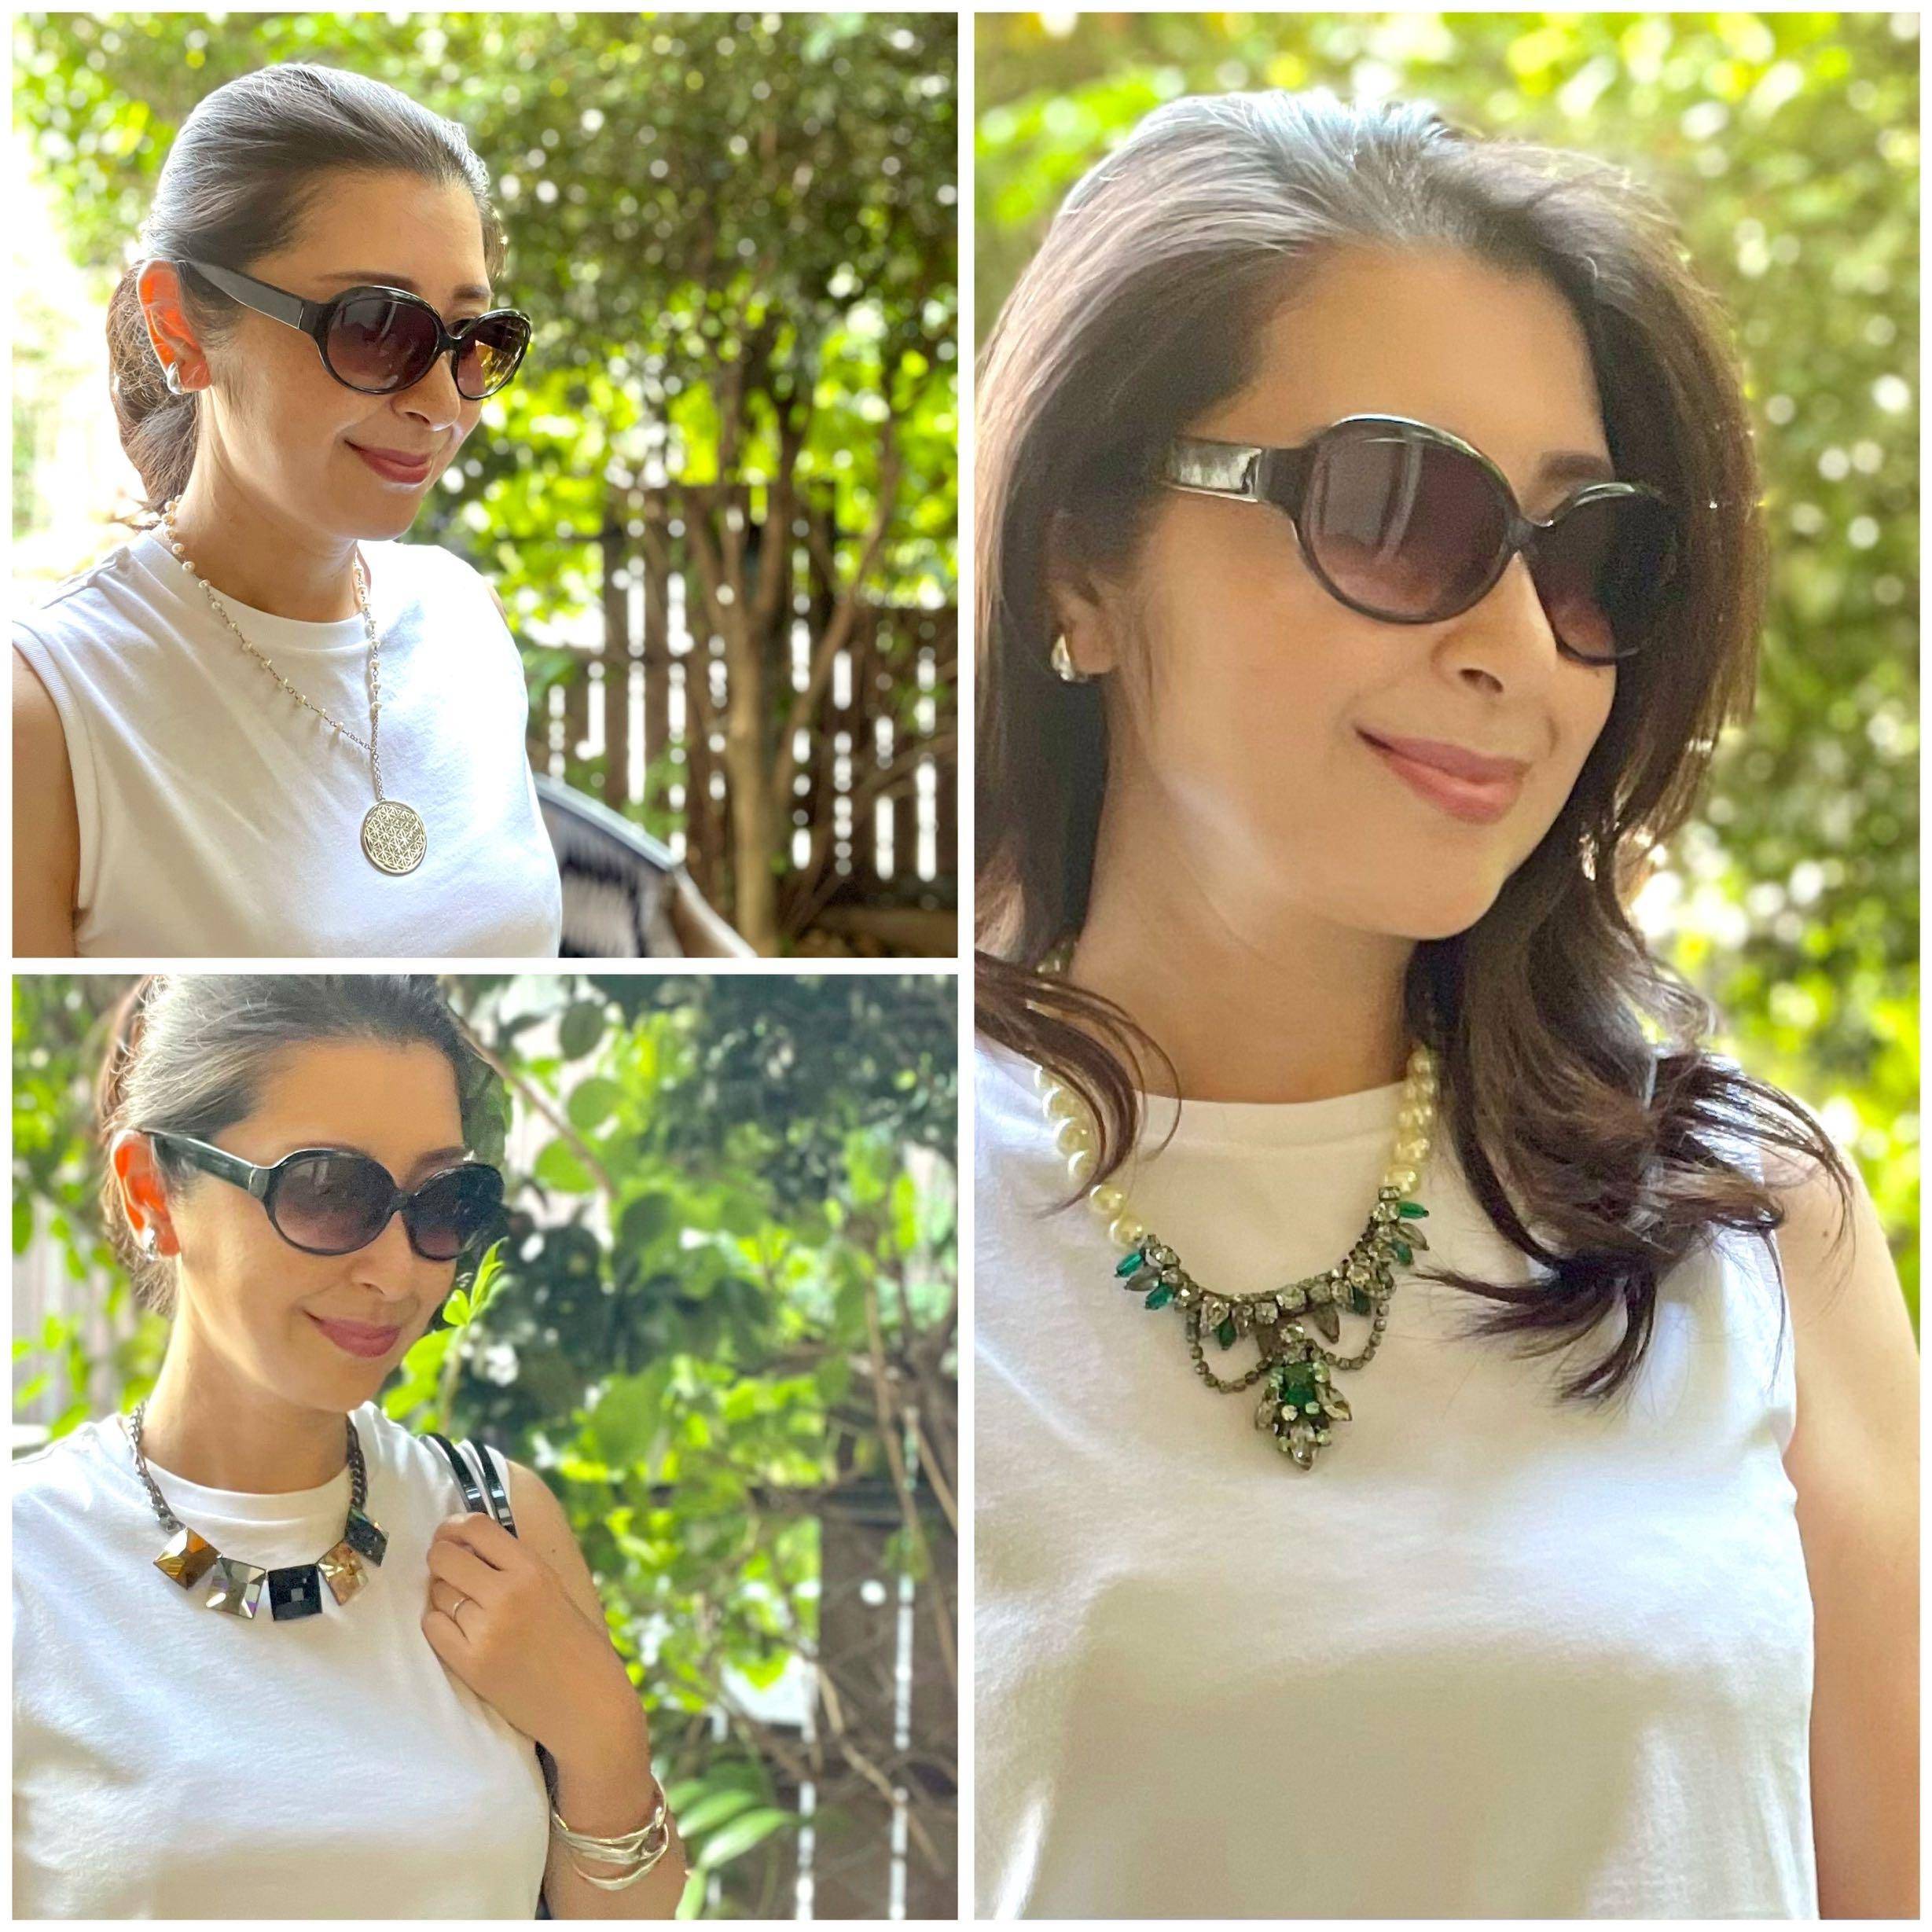 ユニクロ白のノースリーブTシャツにショートネックレスを合わせたスタイルの写真3パターン